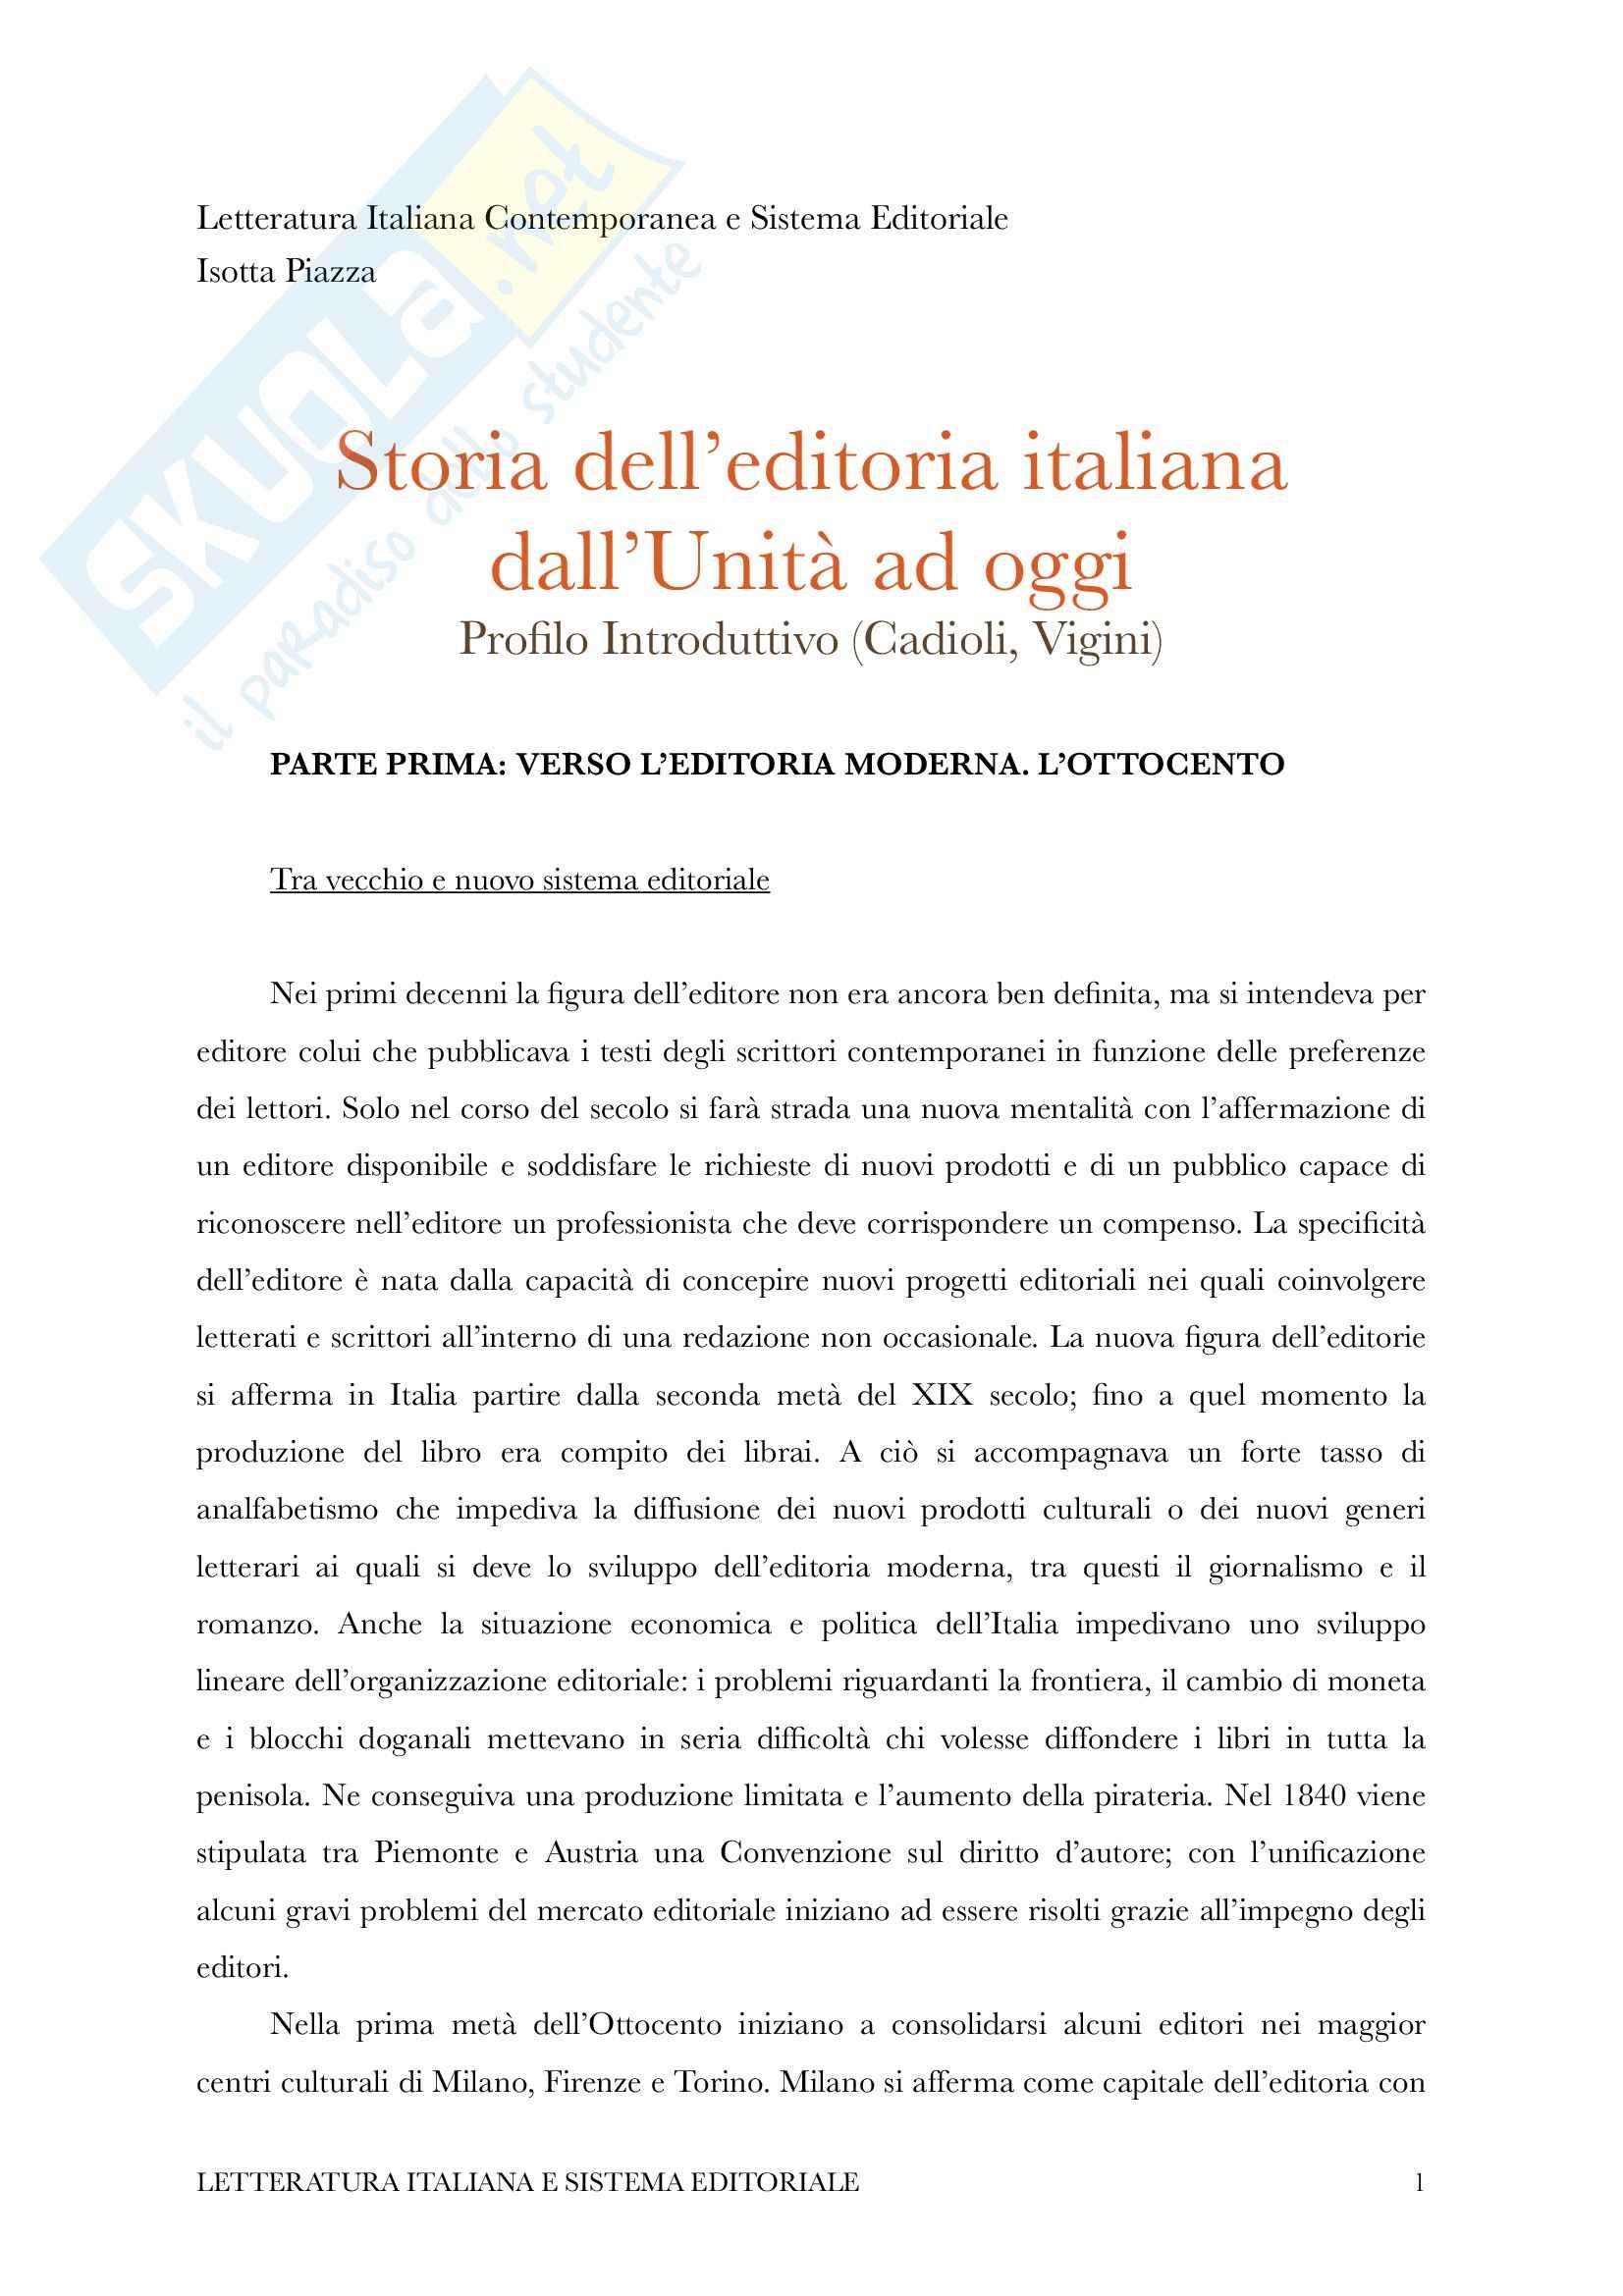 Riassunto esame Letteratura Italiana e Sistema Editoriale, Prof. Piazza, Libro consigliato Storia dell'Editoria Italiana di Cadioli